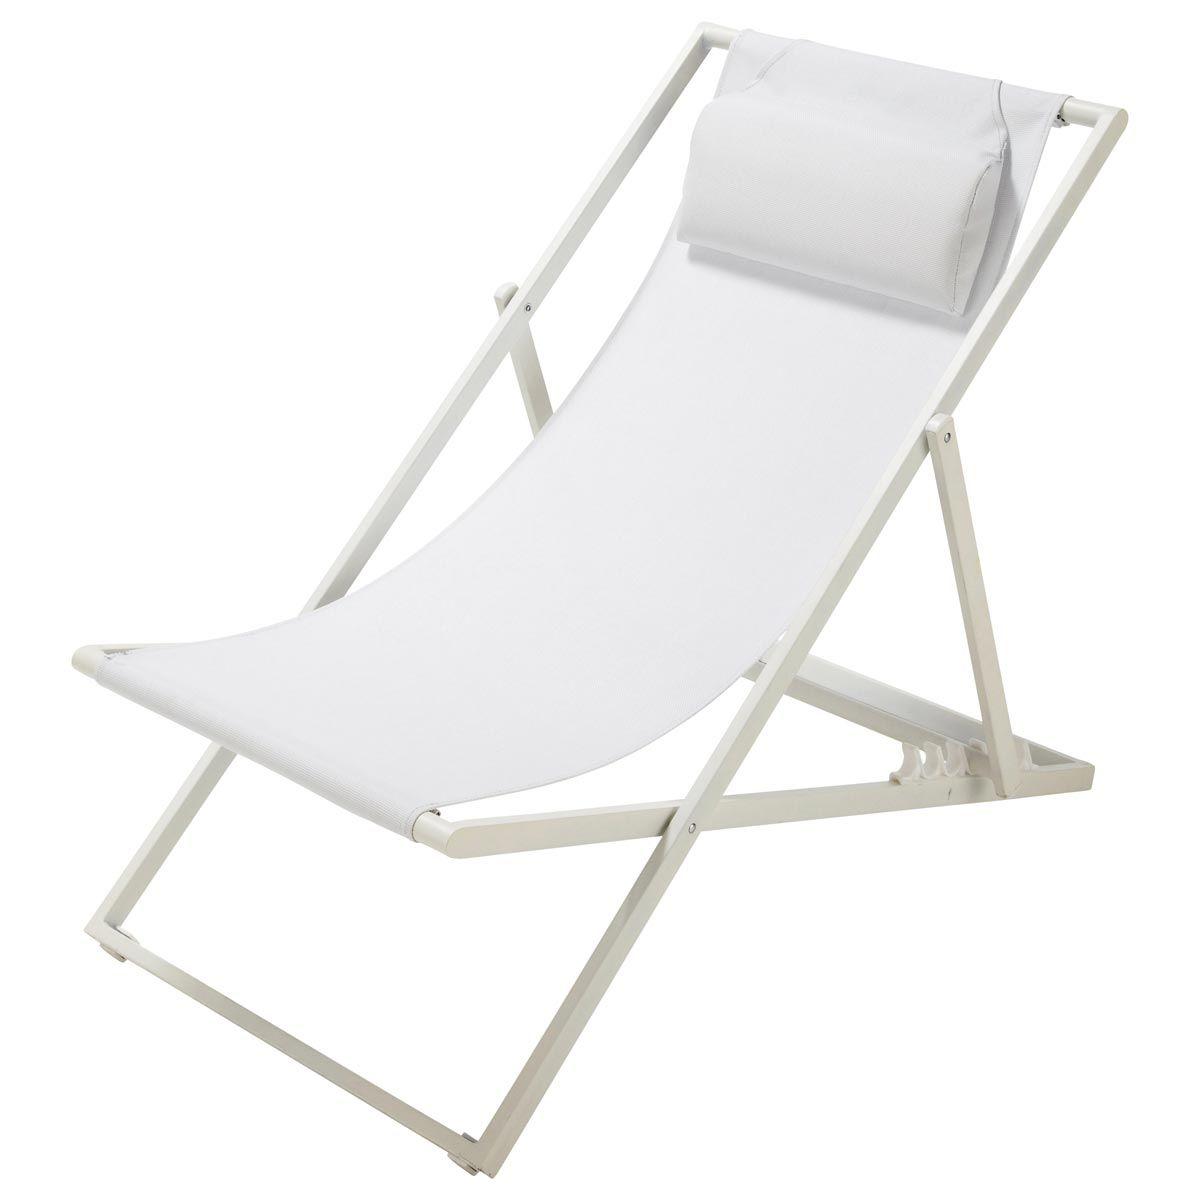 Tumbona/silla De Playa Plegable De Metal Blanca L. 104 Cm Split